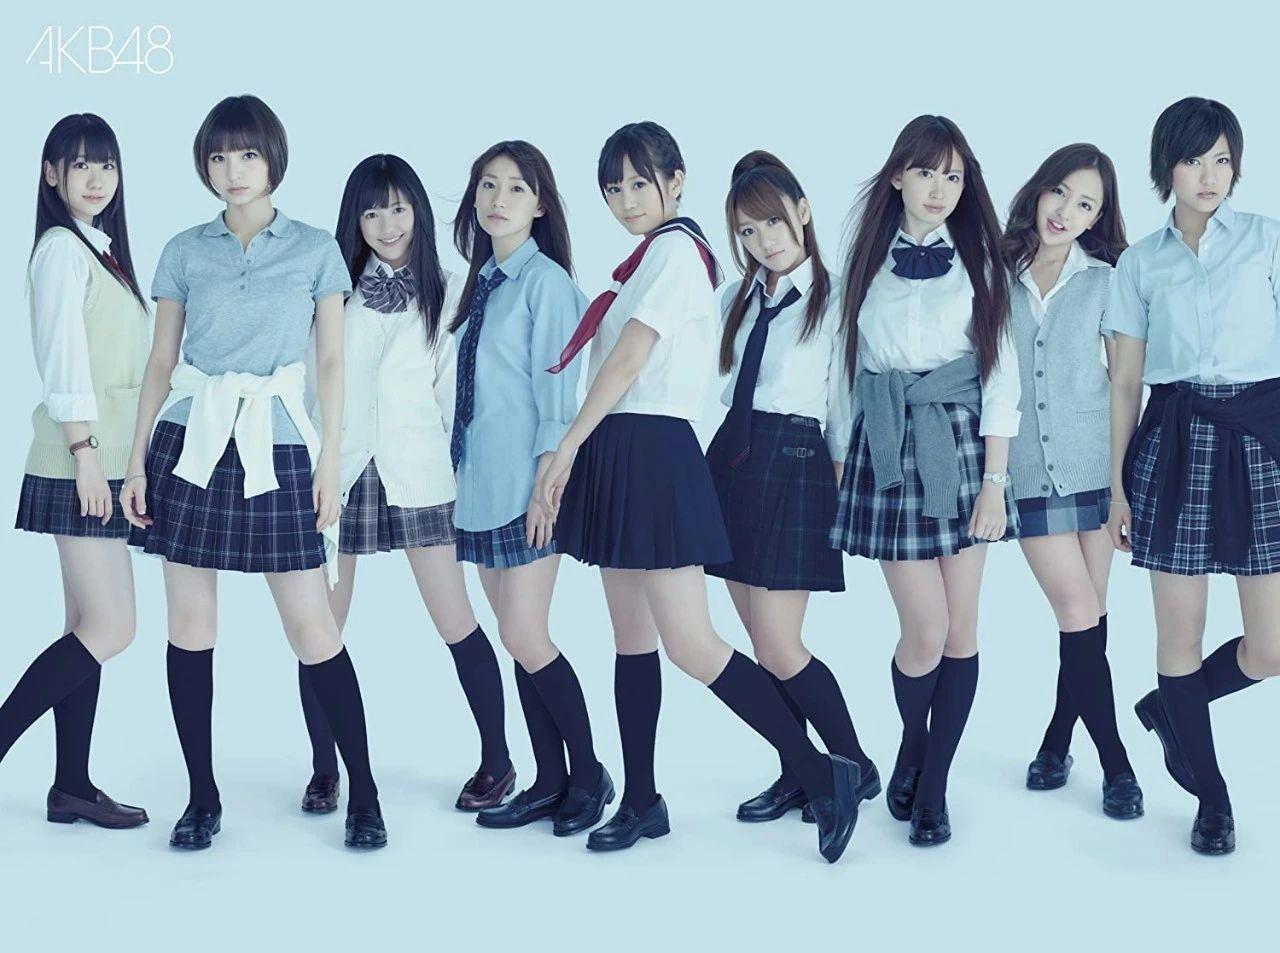 制服是日本女子偶像团体AKB48的标志性着装。但在JK制服的发源地日本,一般很少有人会在毕业后继续穿制服。|图片来源:《AKB满满~The最佳·音乐录像~》封面